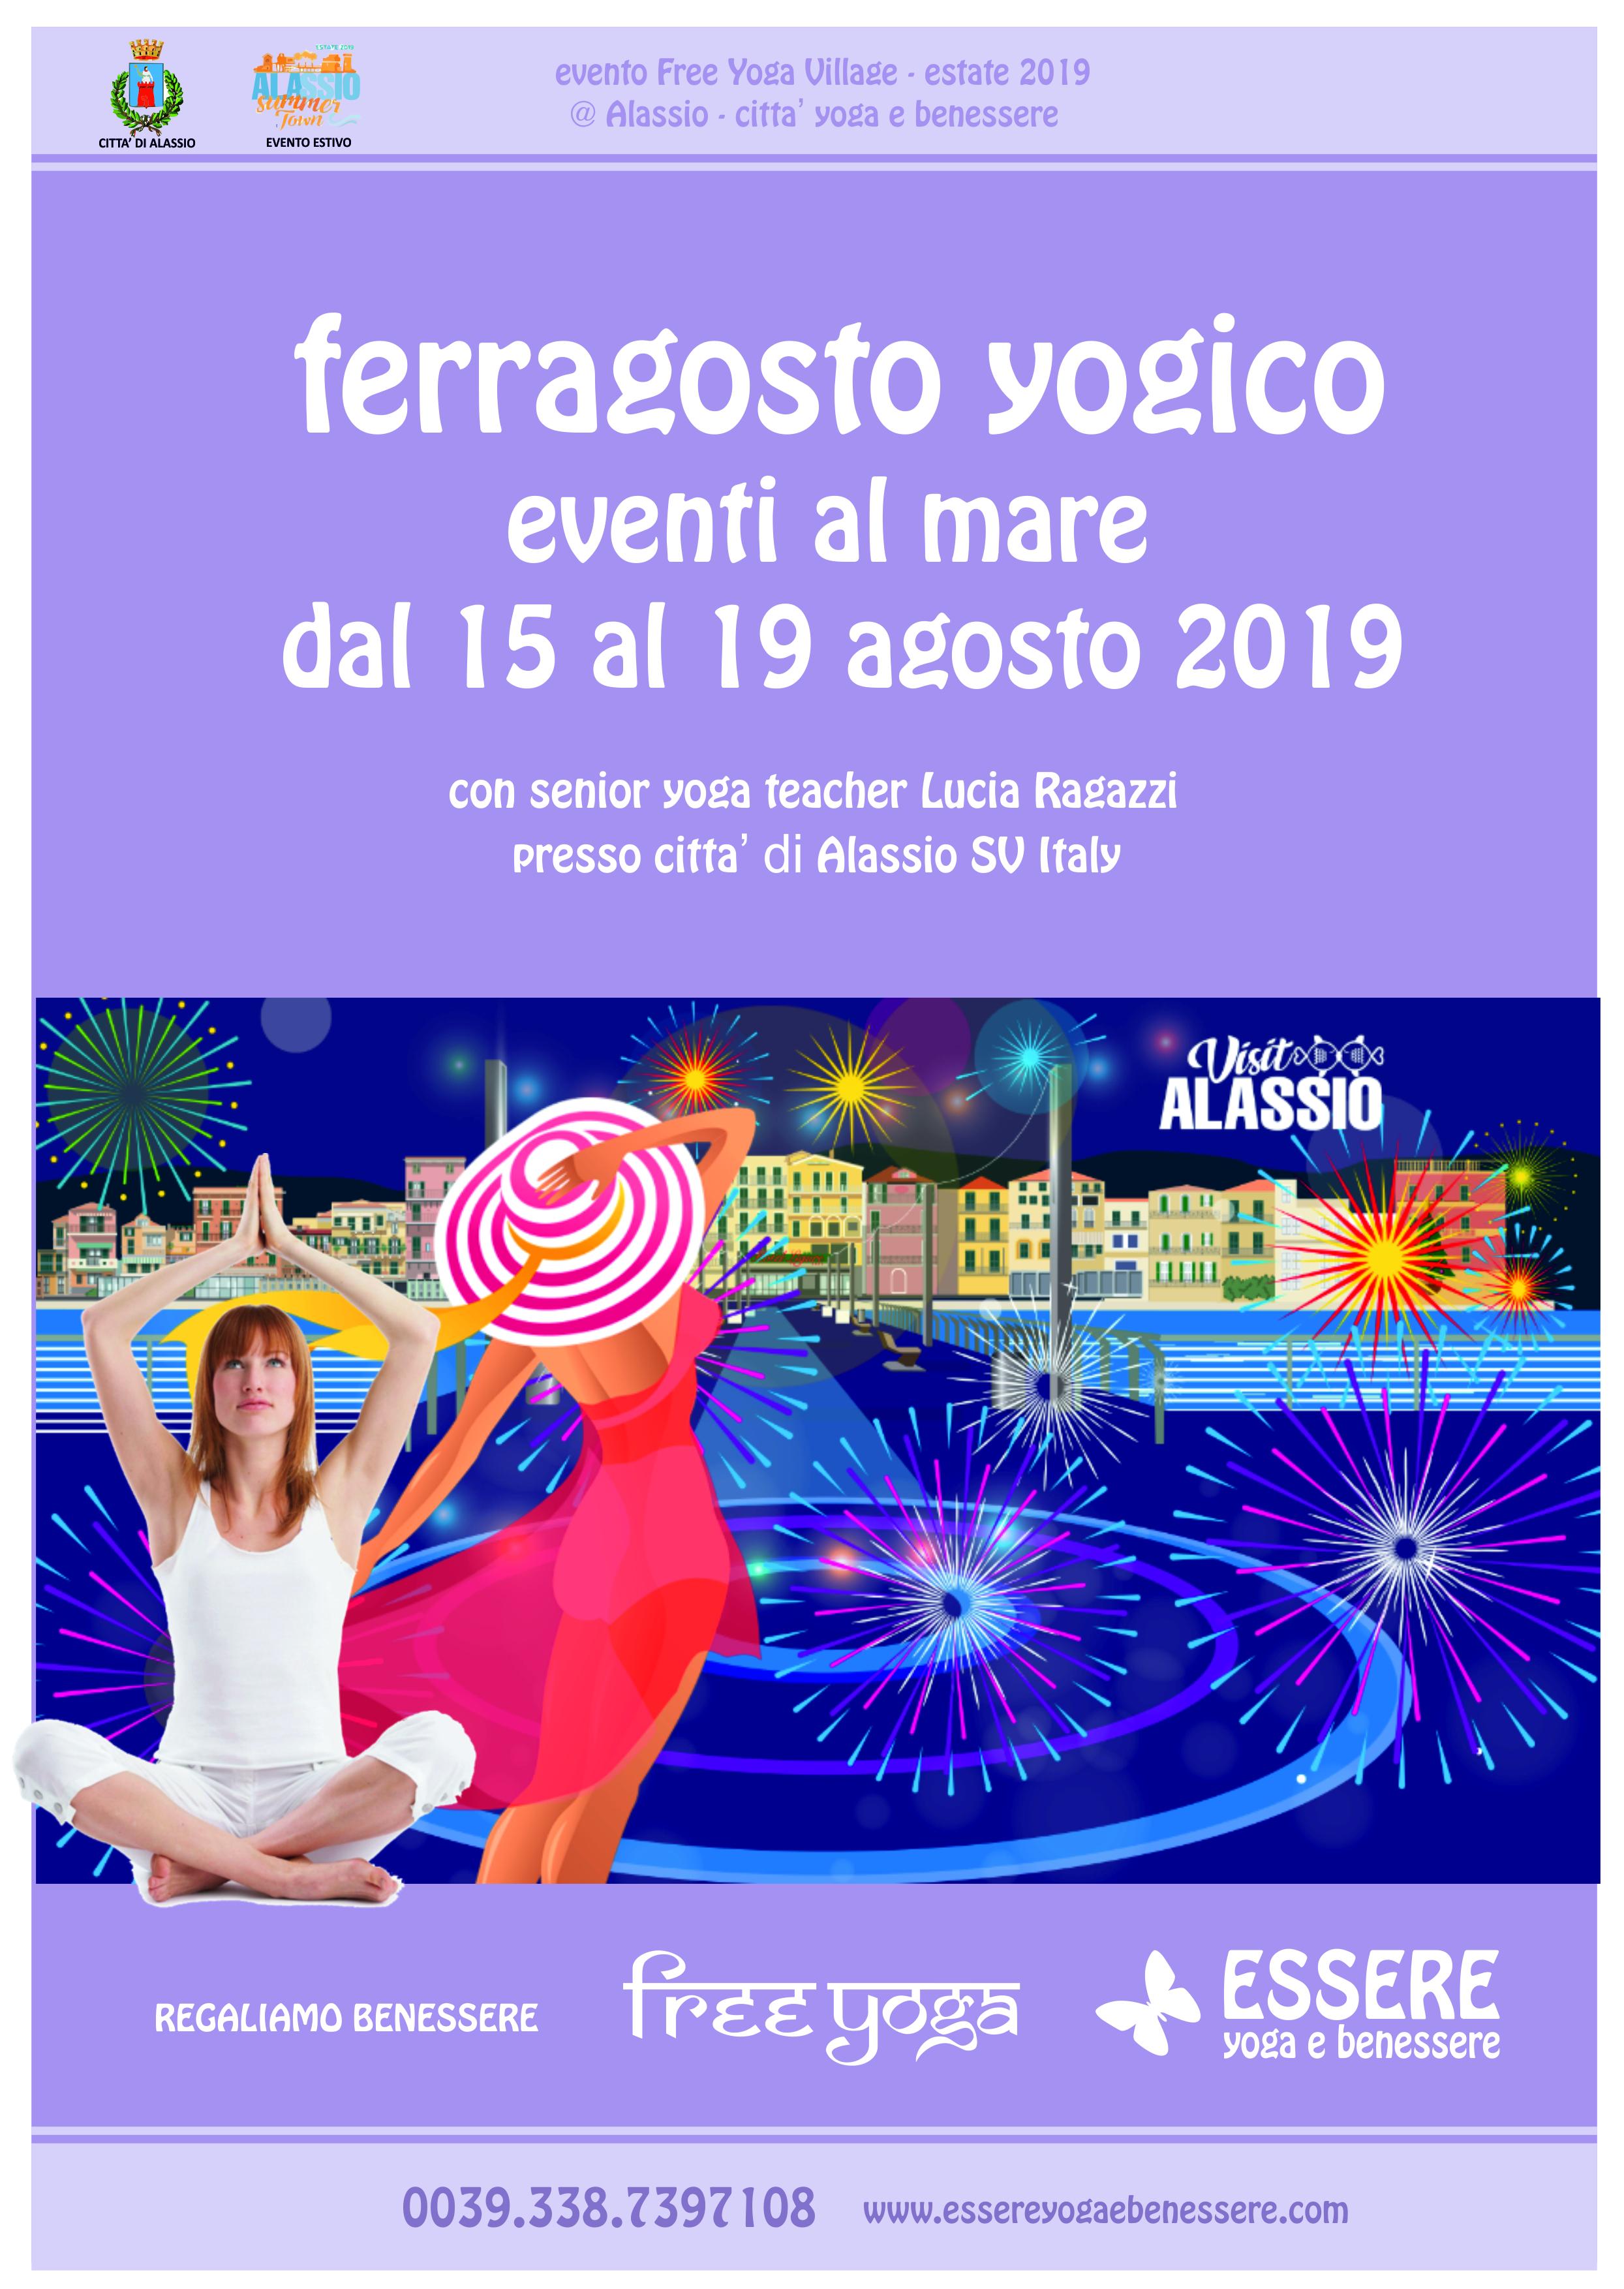 essere-free-yoga-gratuito-benessere-per-tutti-village-citta-alassio-estate-lucia-ragazzi-ferragosto-yogico-marcella-fiore-summer-town-wellness